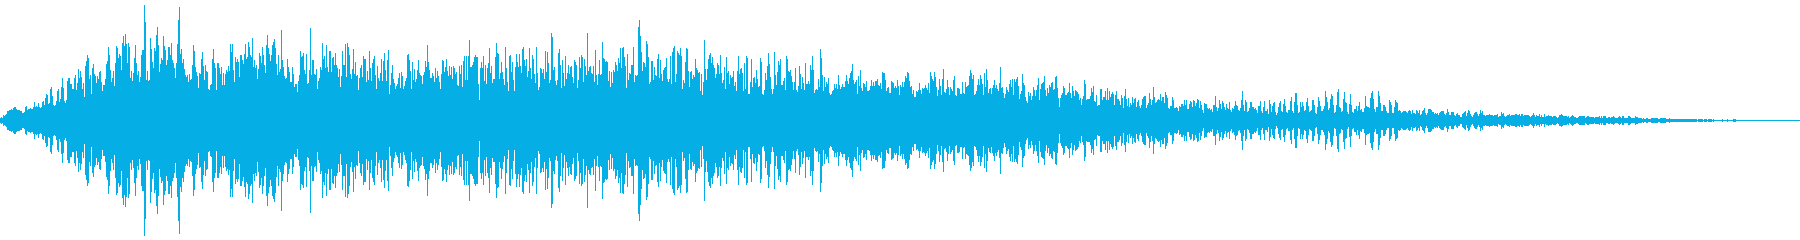 クリーチャーの悲鳴ギャアアアァの再生済みの波形